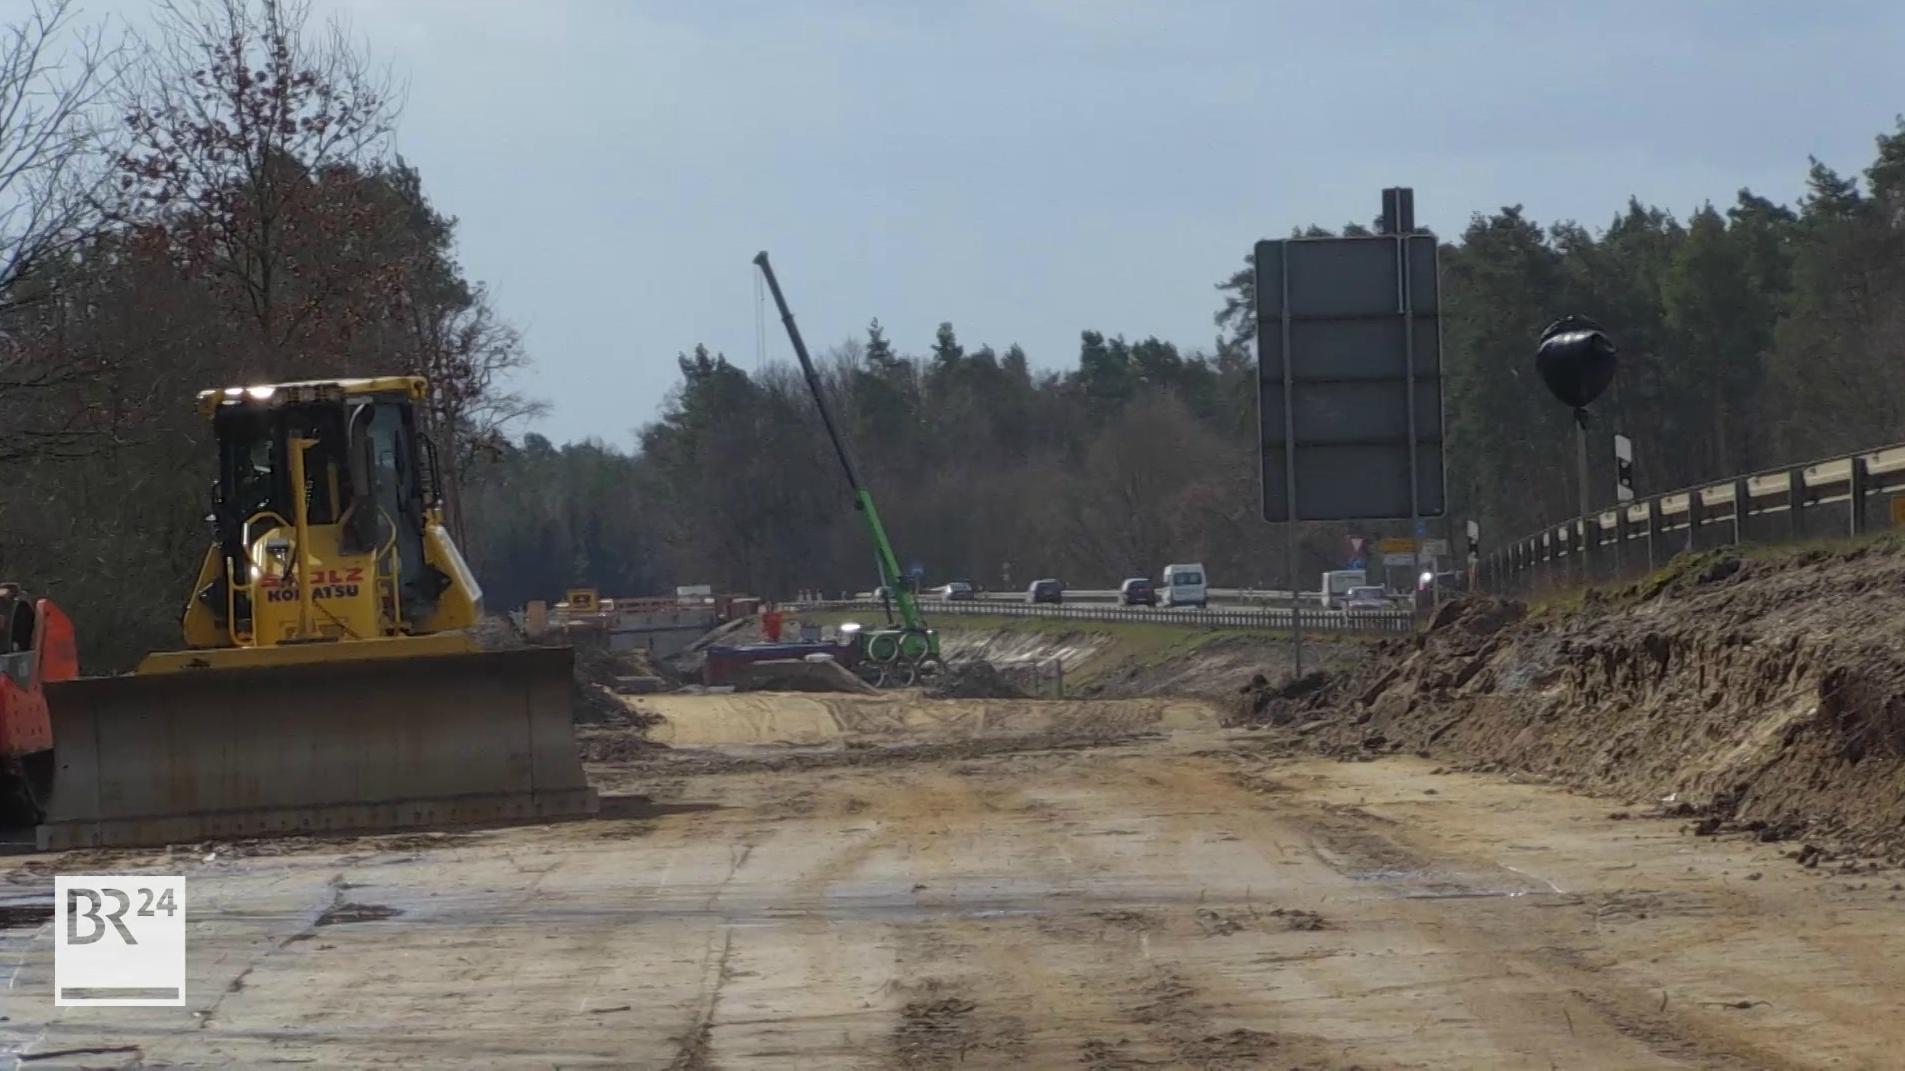 Baustelle bei Schwebheim